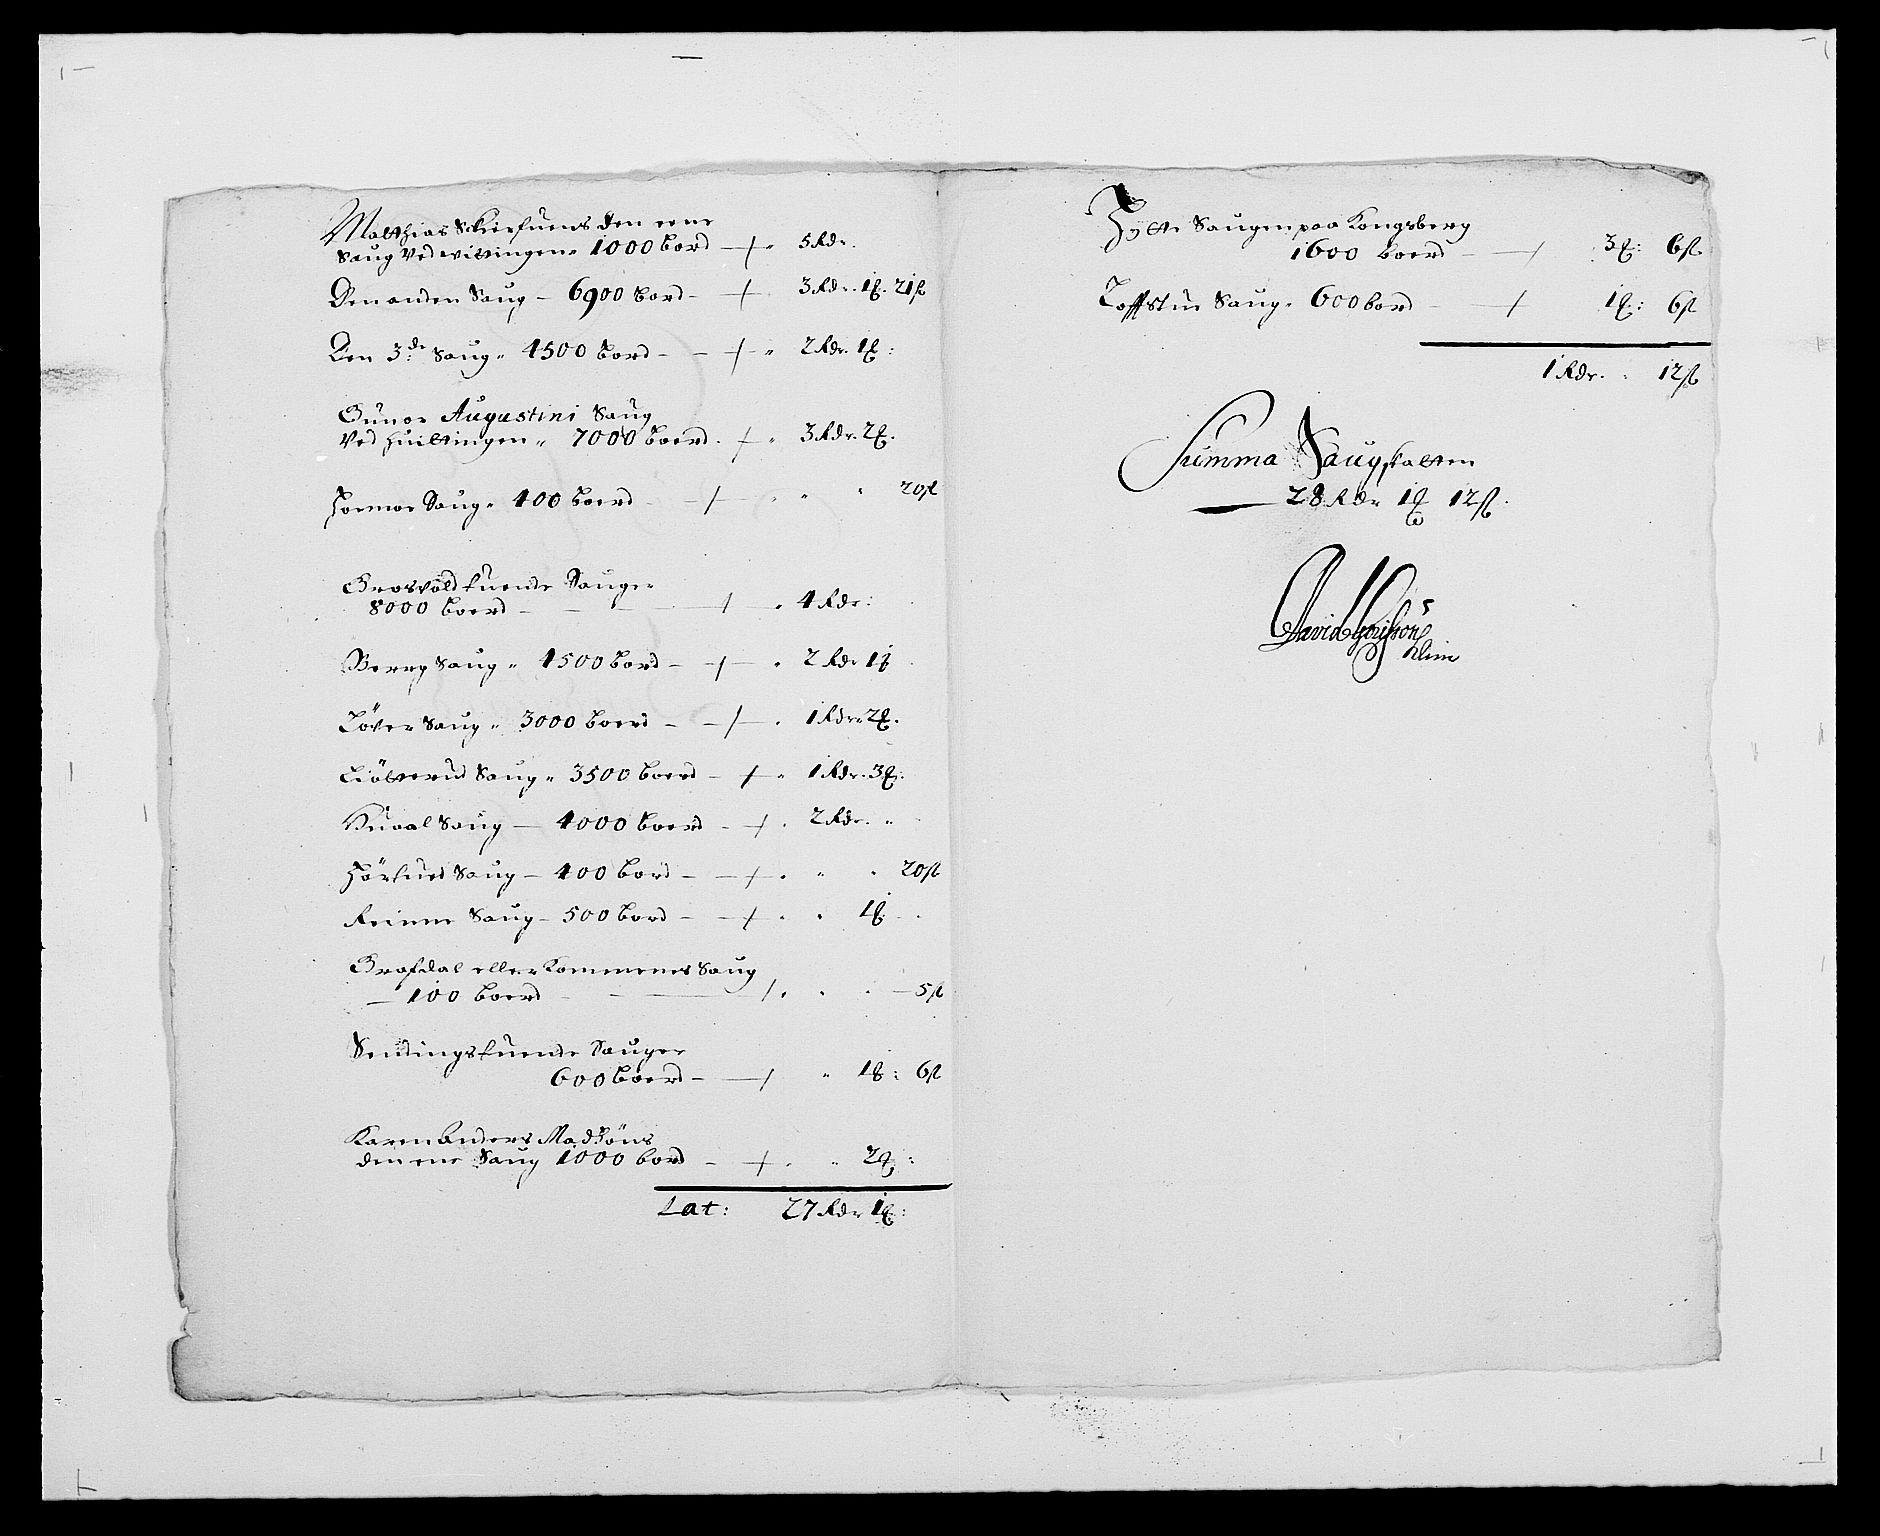 RA, Rentekammeret inntil 1814, Reviderte regnskaper, Fogderegnskap, R24/L1570: Fogderegnskap Numedal og Sandsvær, 1679-1686, s. 348